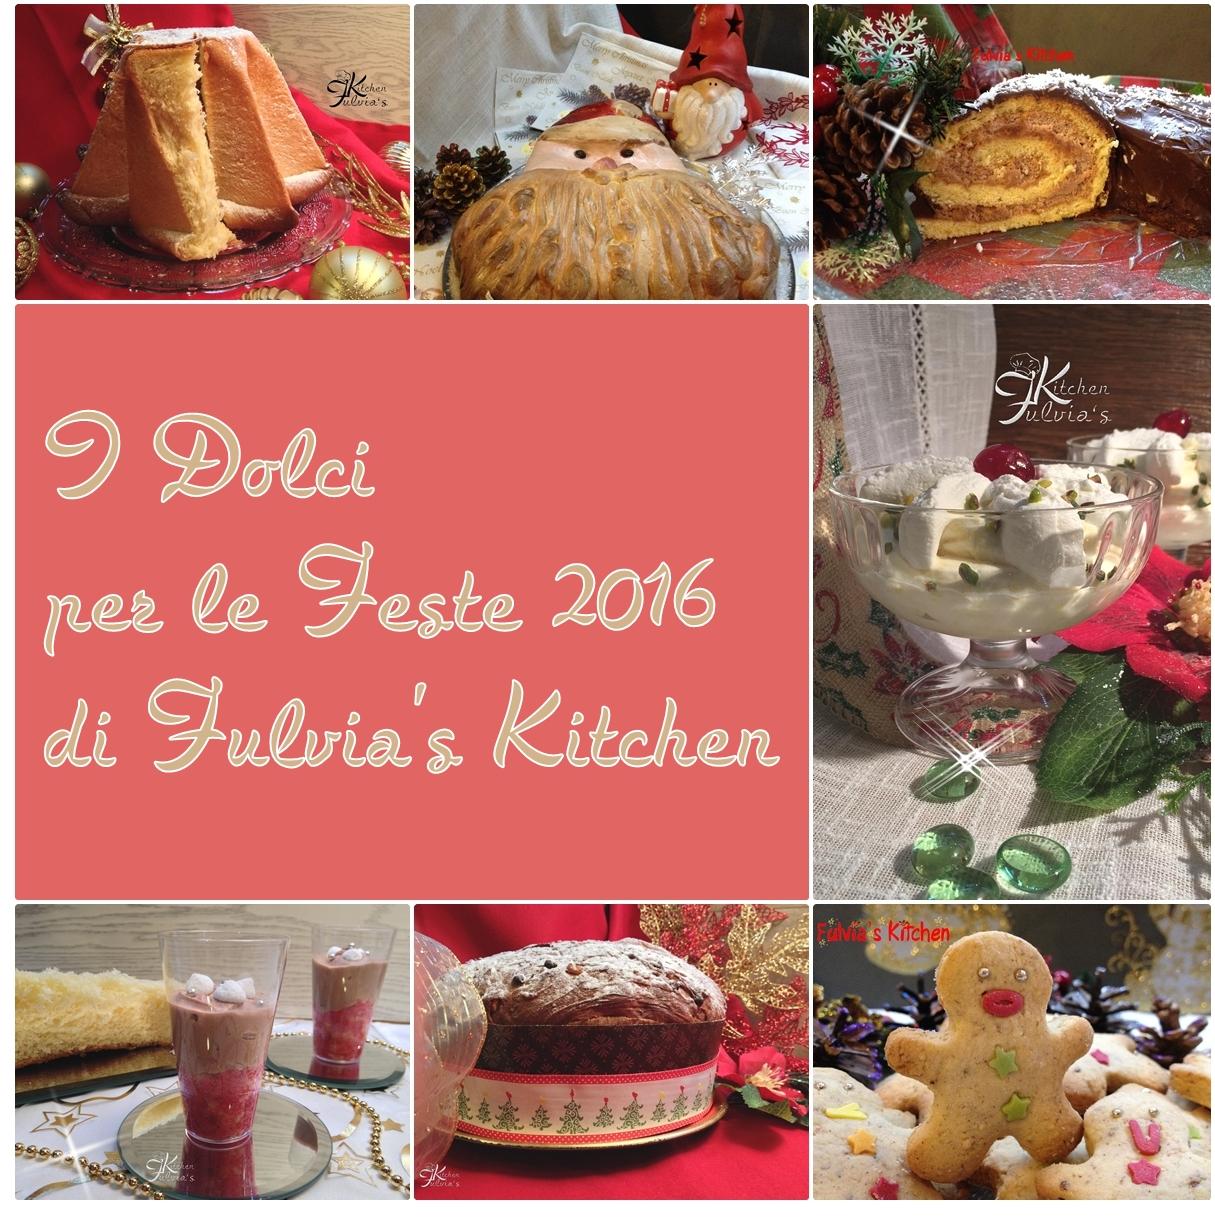 Dolci e dessert per le Feste 2016